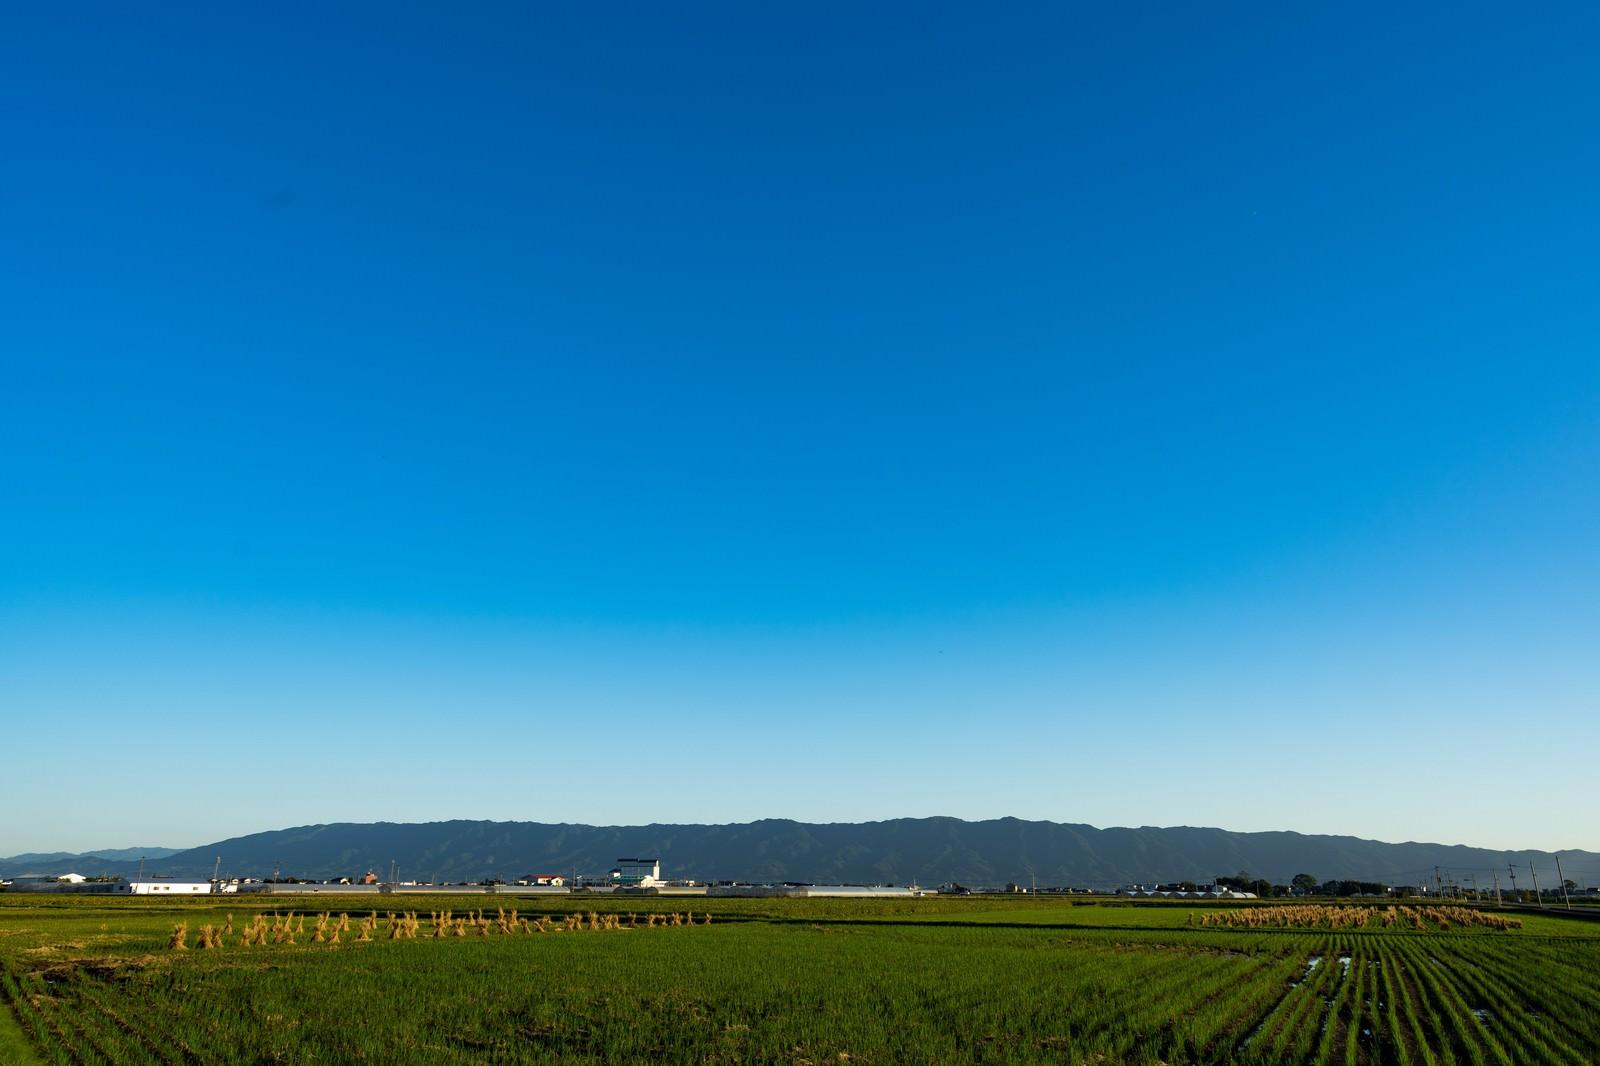 「澄んだ青空と大刀洗の農地筑後平野」の写真